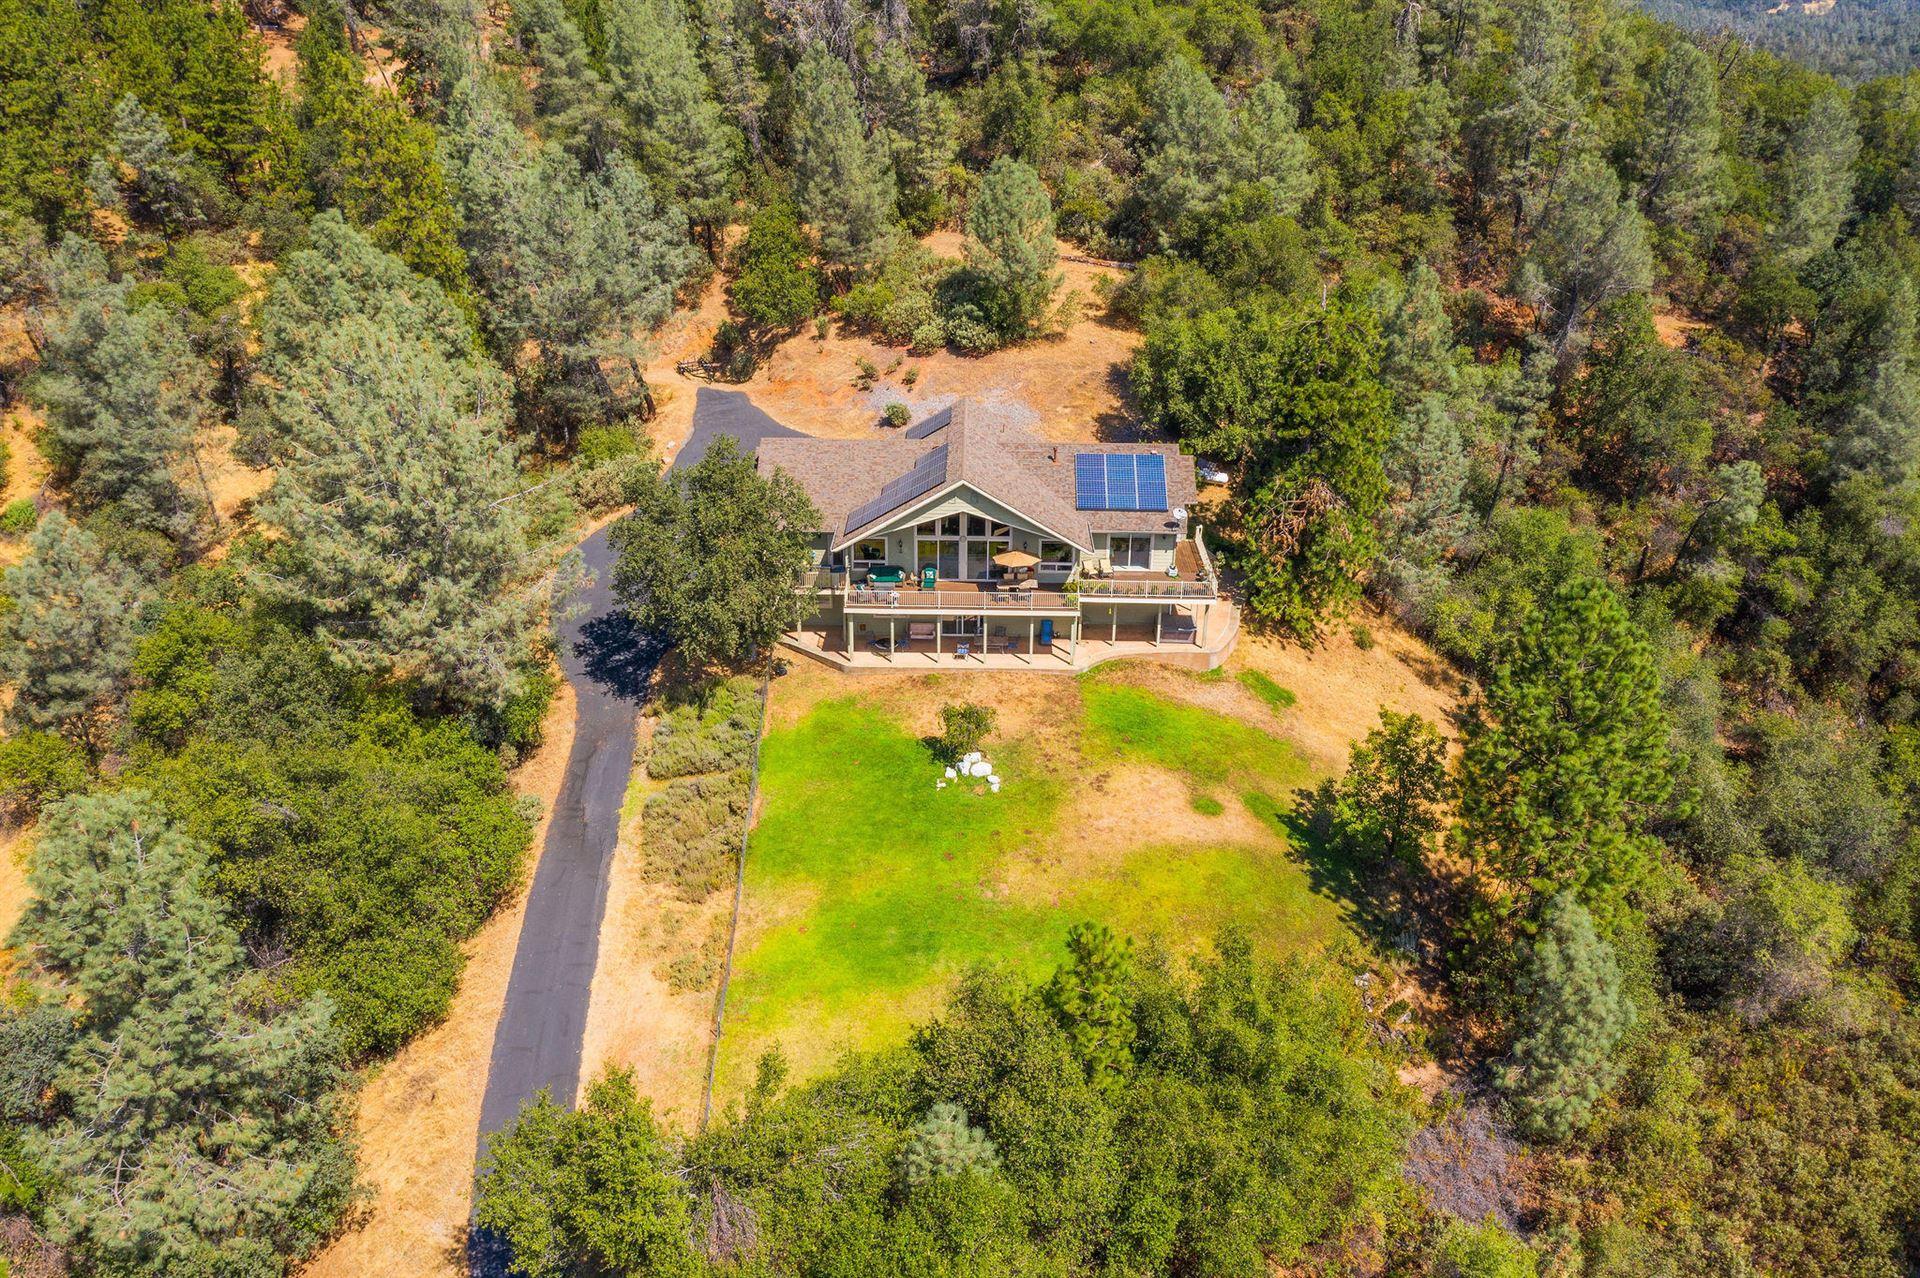 13415 Shasta Meadows Dr, Redding, CA 96003 - MLS#: 20-4029